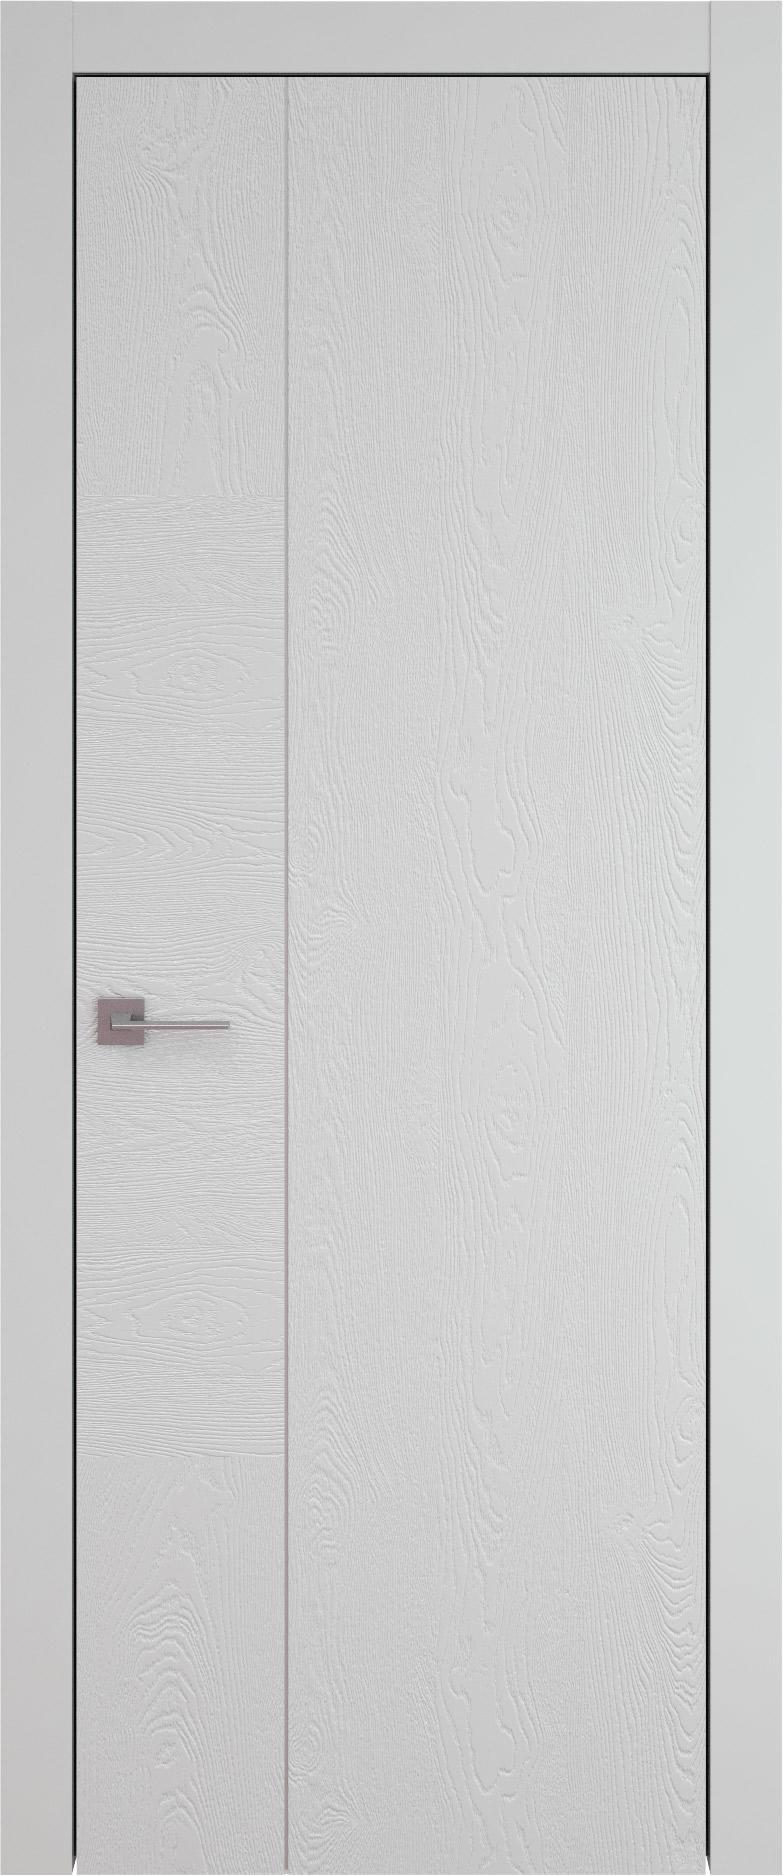 Tivoli В-1 цвет - Серая эмаль по шпону (RAL 7047) Без стекла (ДГ)